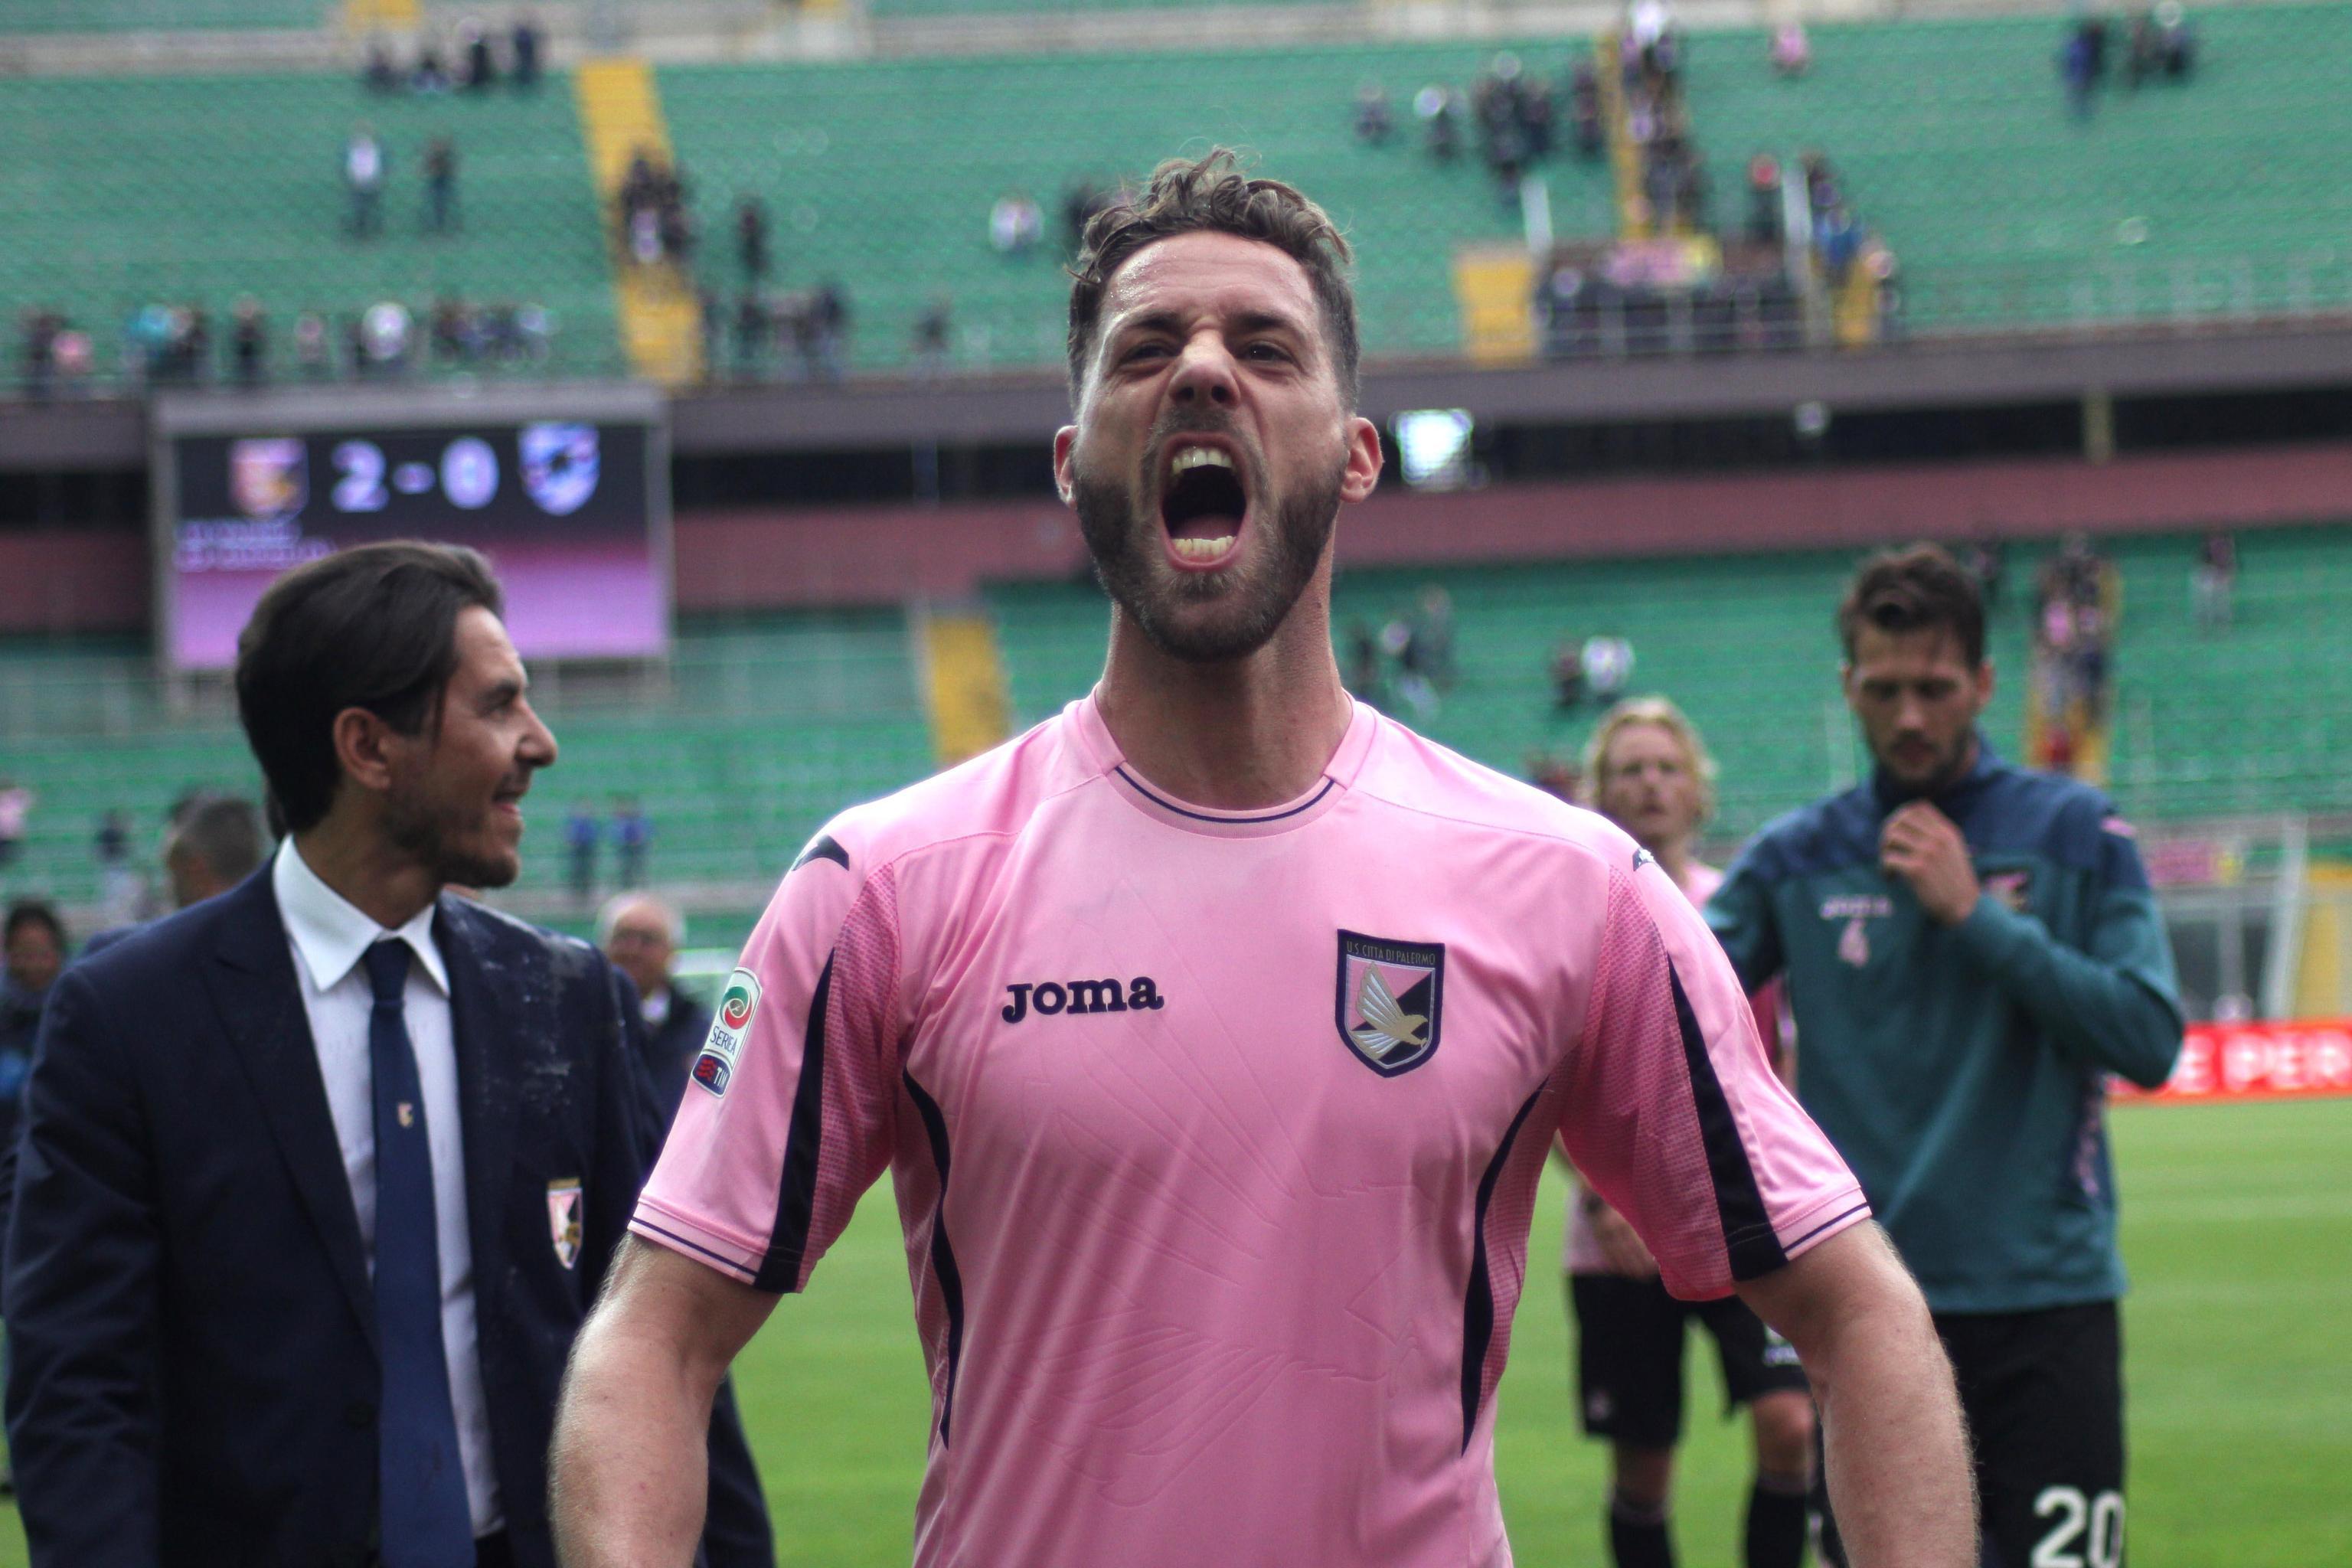 Calciomercato Bologna, non solo Mattiello e Rispoli, nel mirino anche Gabriel Appelt